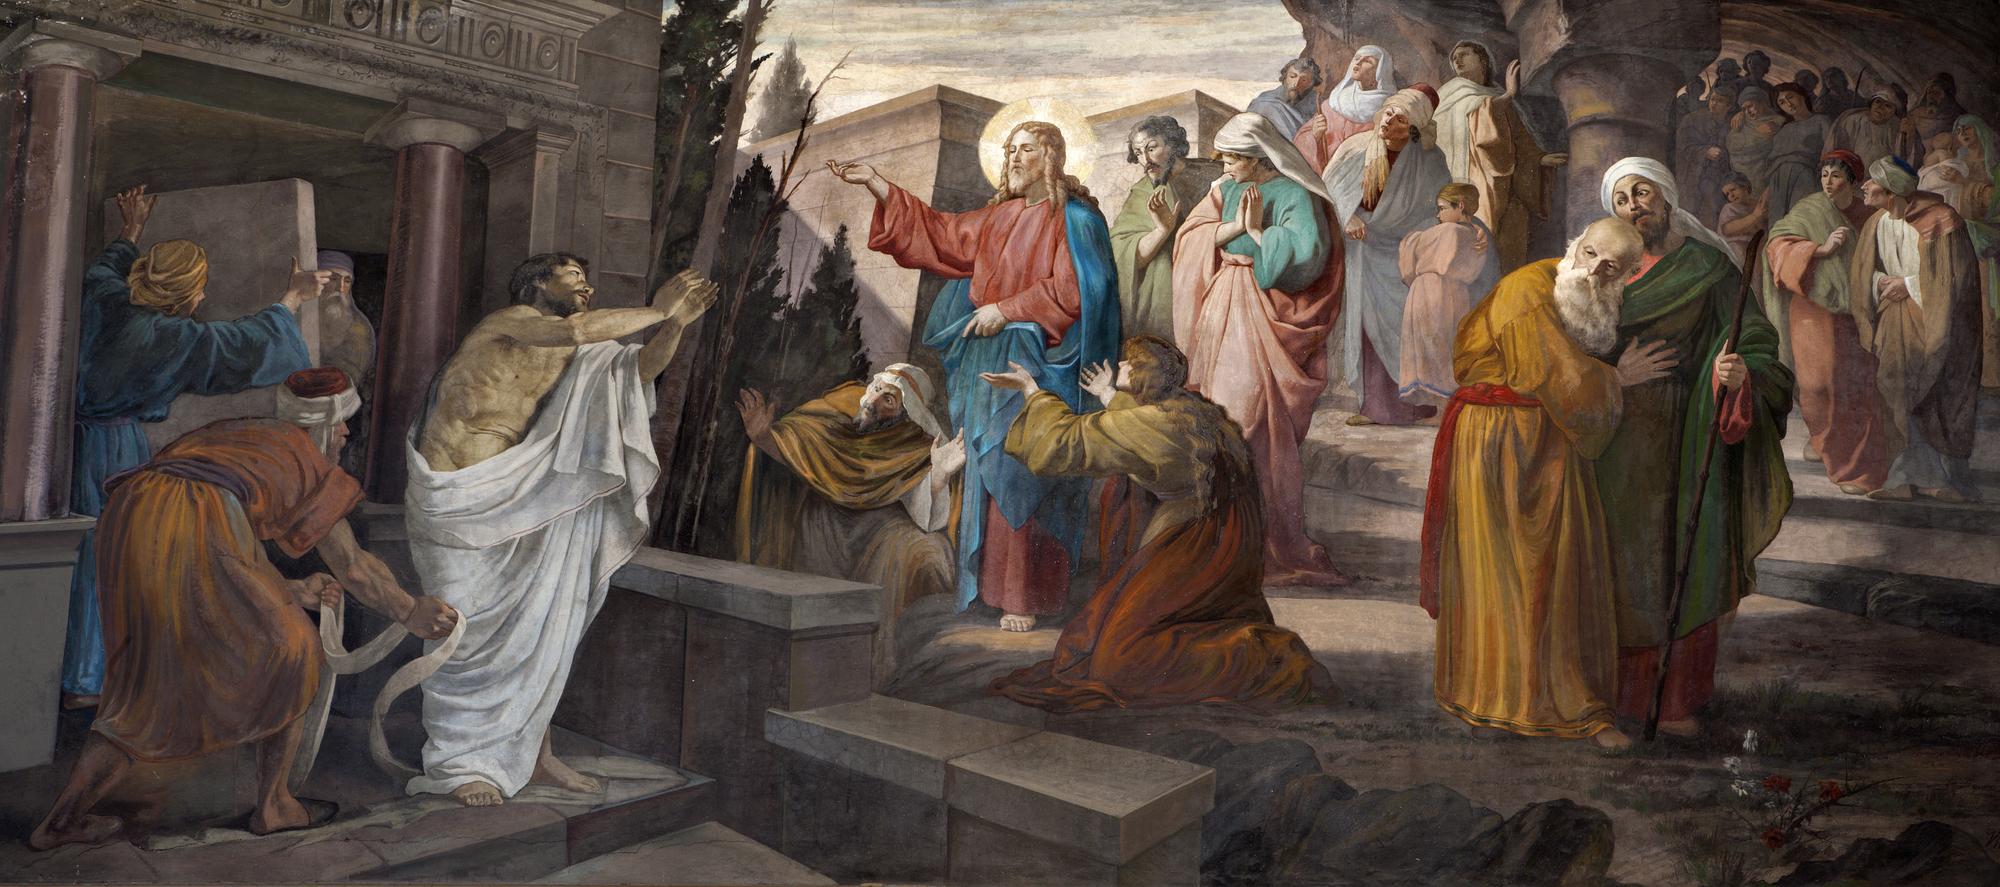 Милан - Воскрешение Лазаря от церкви Сан-Джорджо